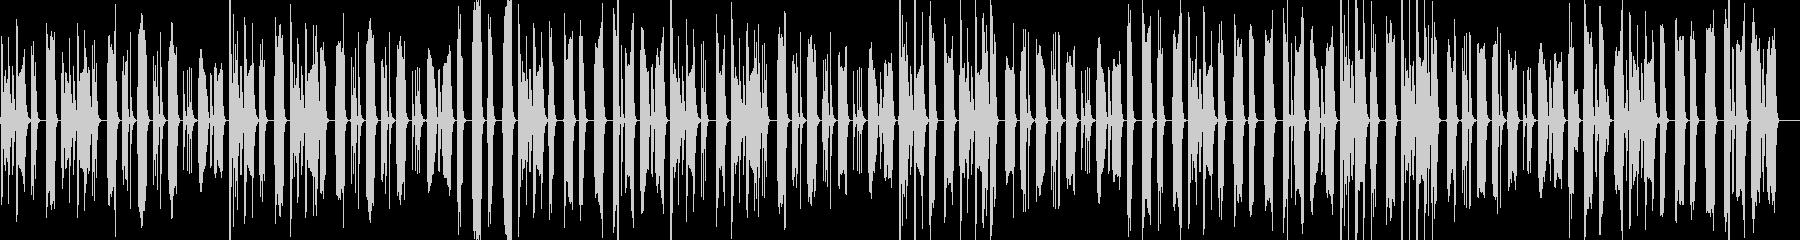 脱力&まぬけな日常会話1/ドラム抜きの未再生の波形